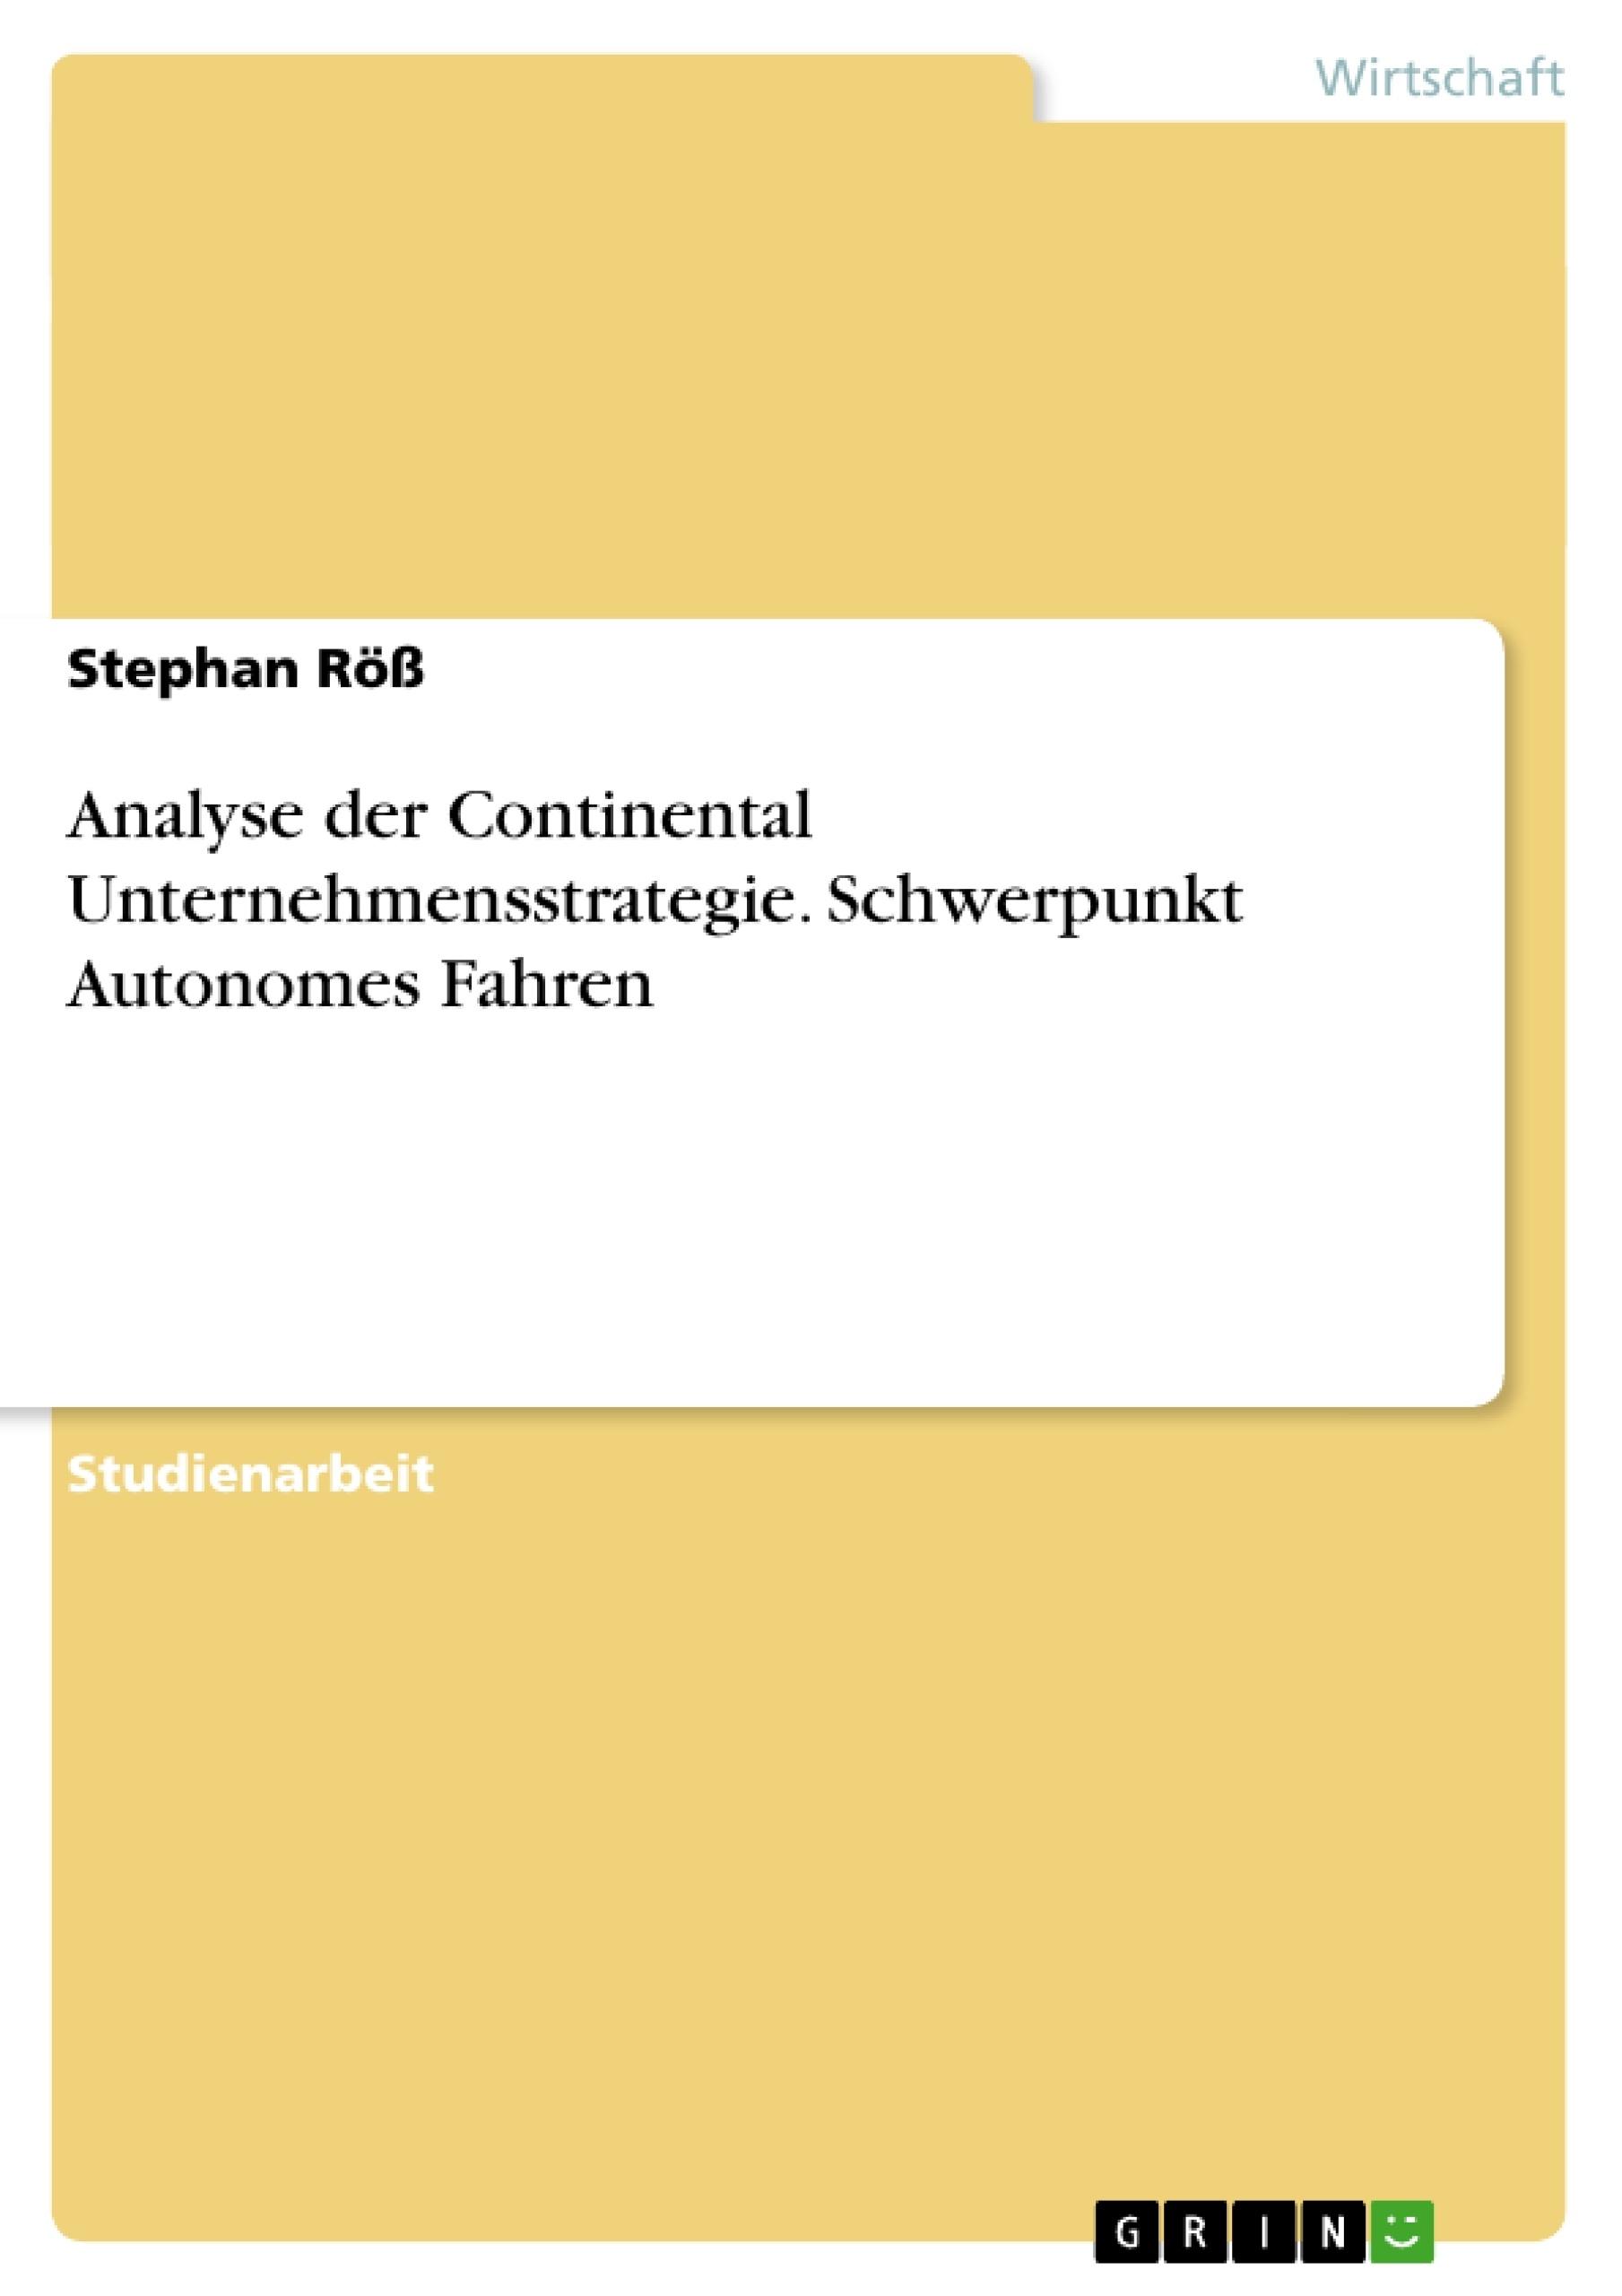 Titel: Analyse der Continental Unternehmensstrategie. Schwerpunkt Autonomes Fahren